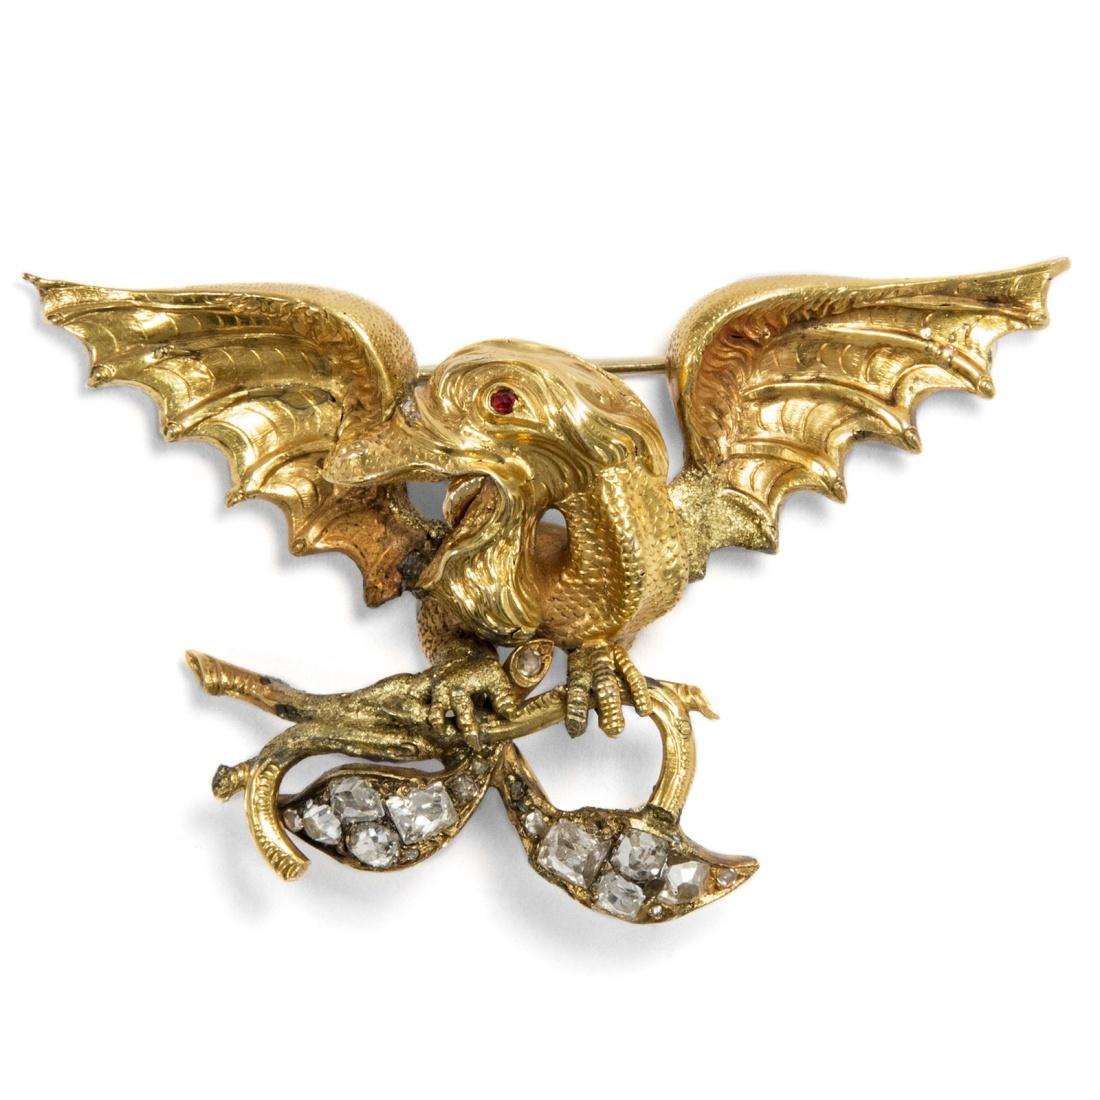 Dragon or basilisk brooch